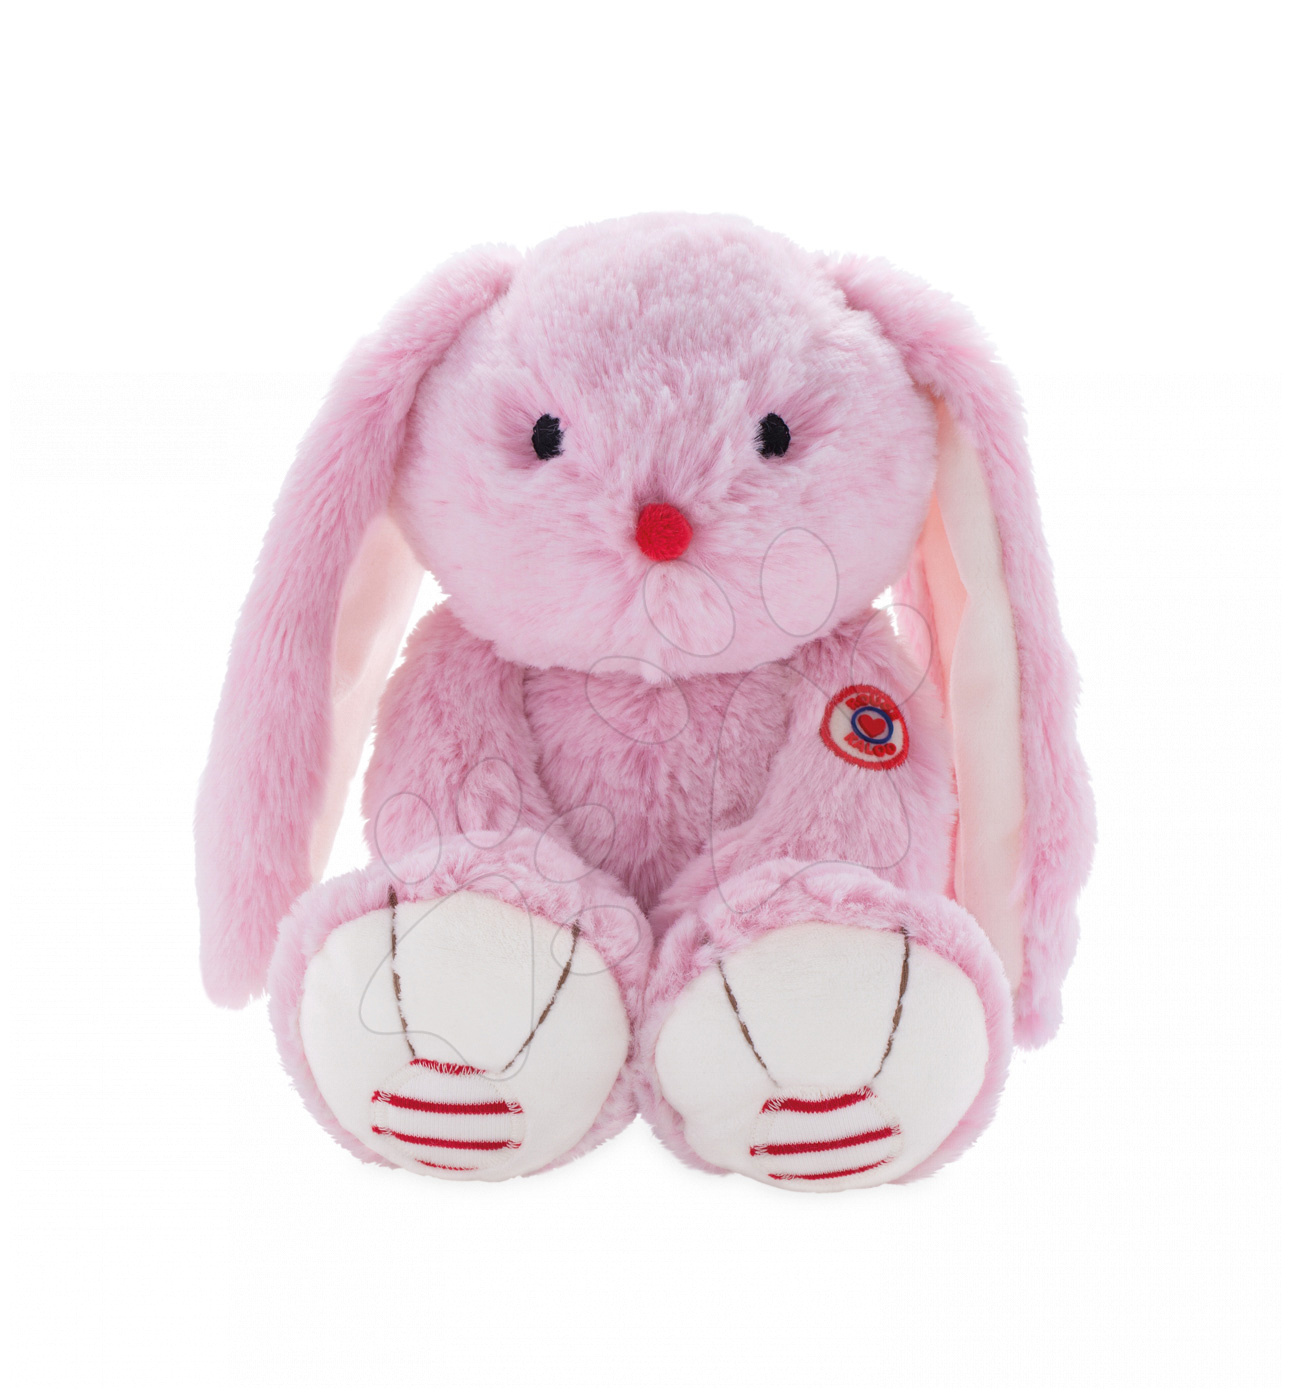 Plyšový zajíc Rouge Kaloo Medium 31 cm z jemného plyše pro nejmenší děti růžovo-krémový